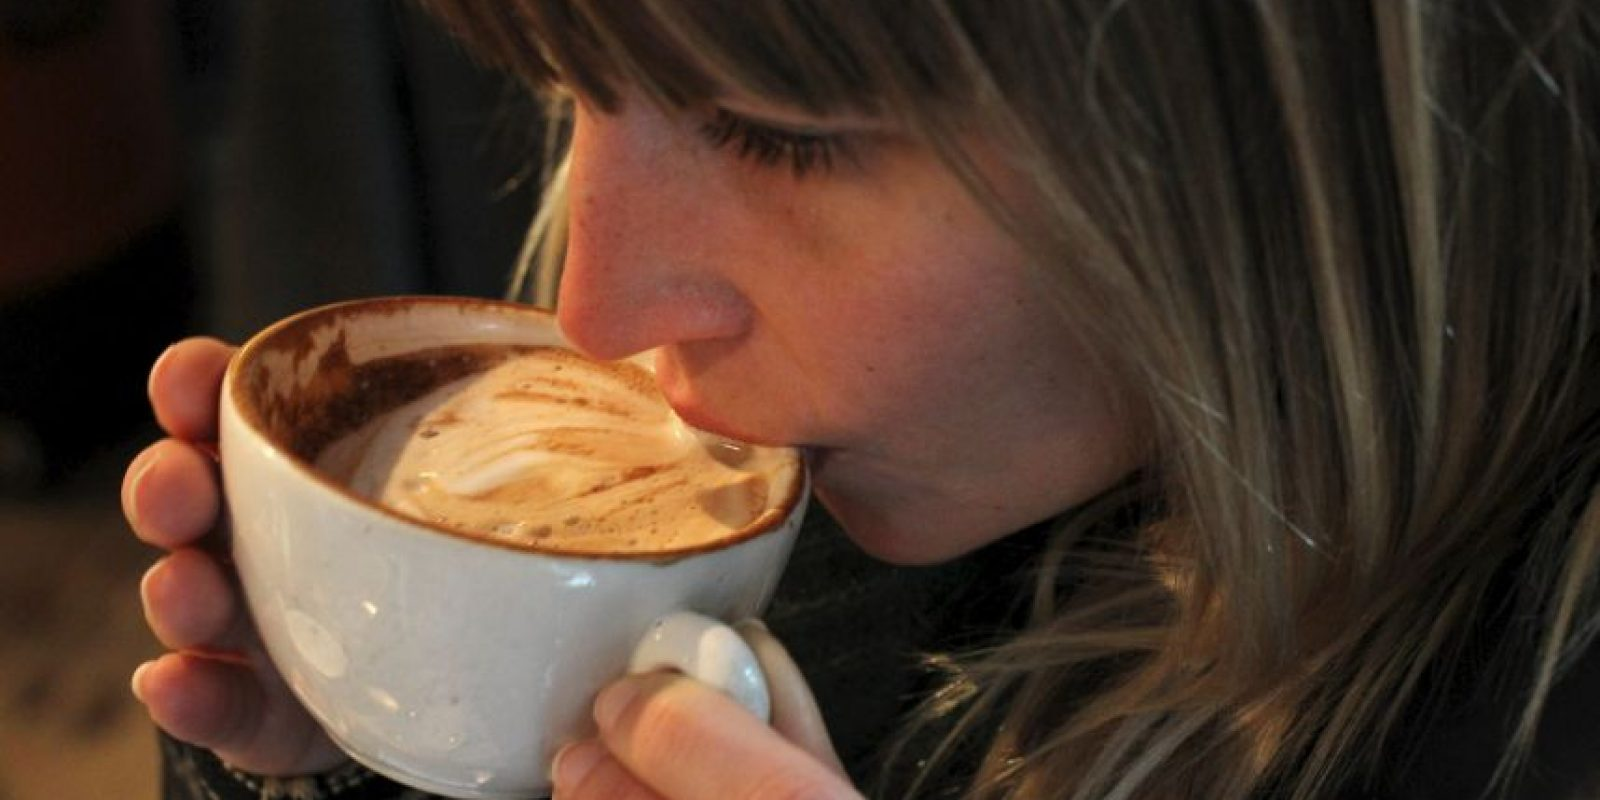 La cafeína es un estimulante, y beberlo envía un mensaje a las glándulas suprarrenales para producir las hormonas del estrés adrenalina y cortisol. Foto:Getty Images